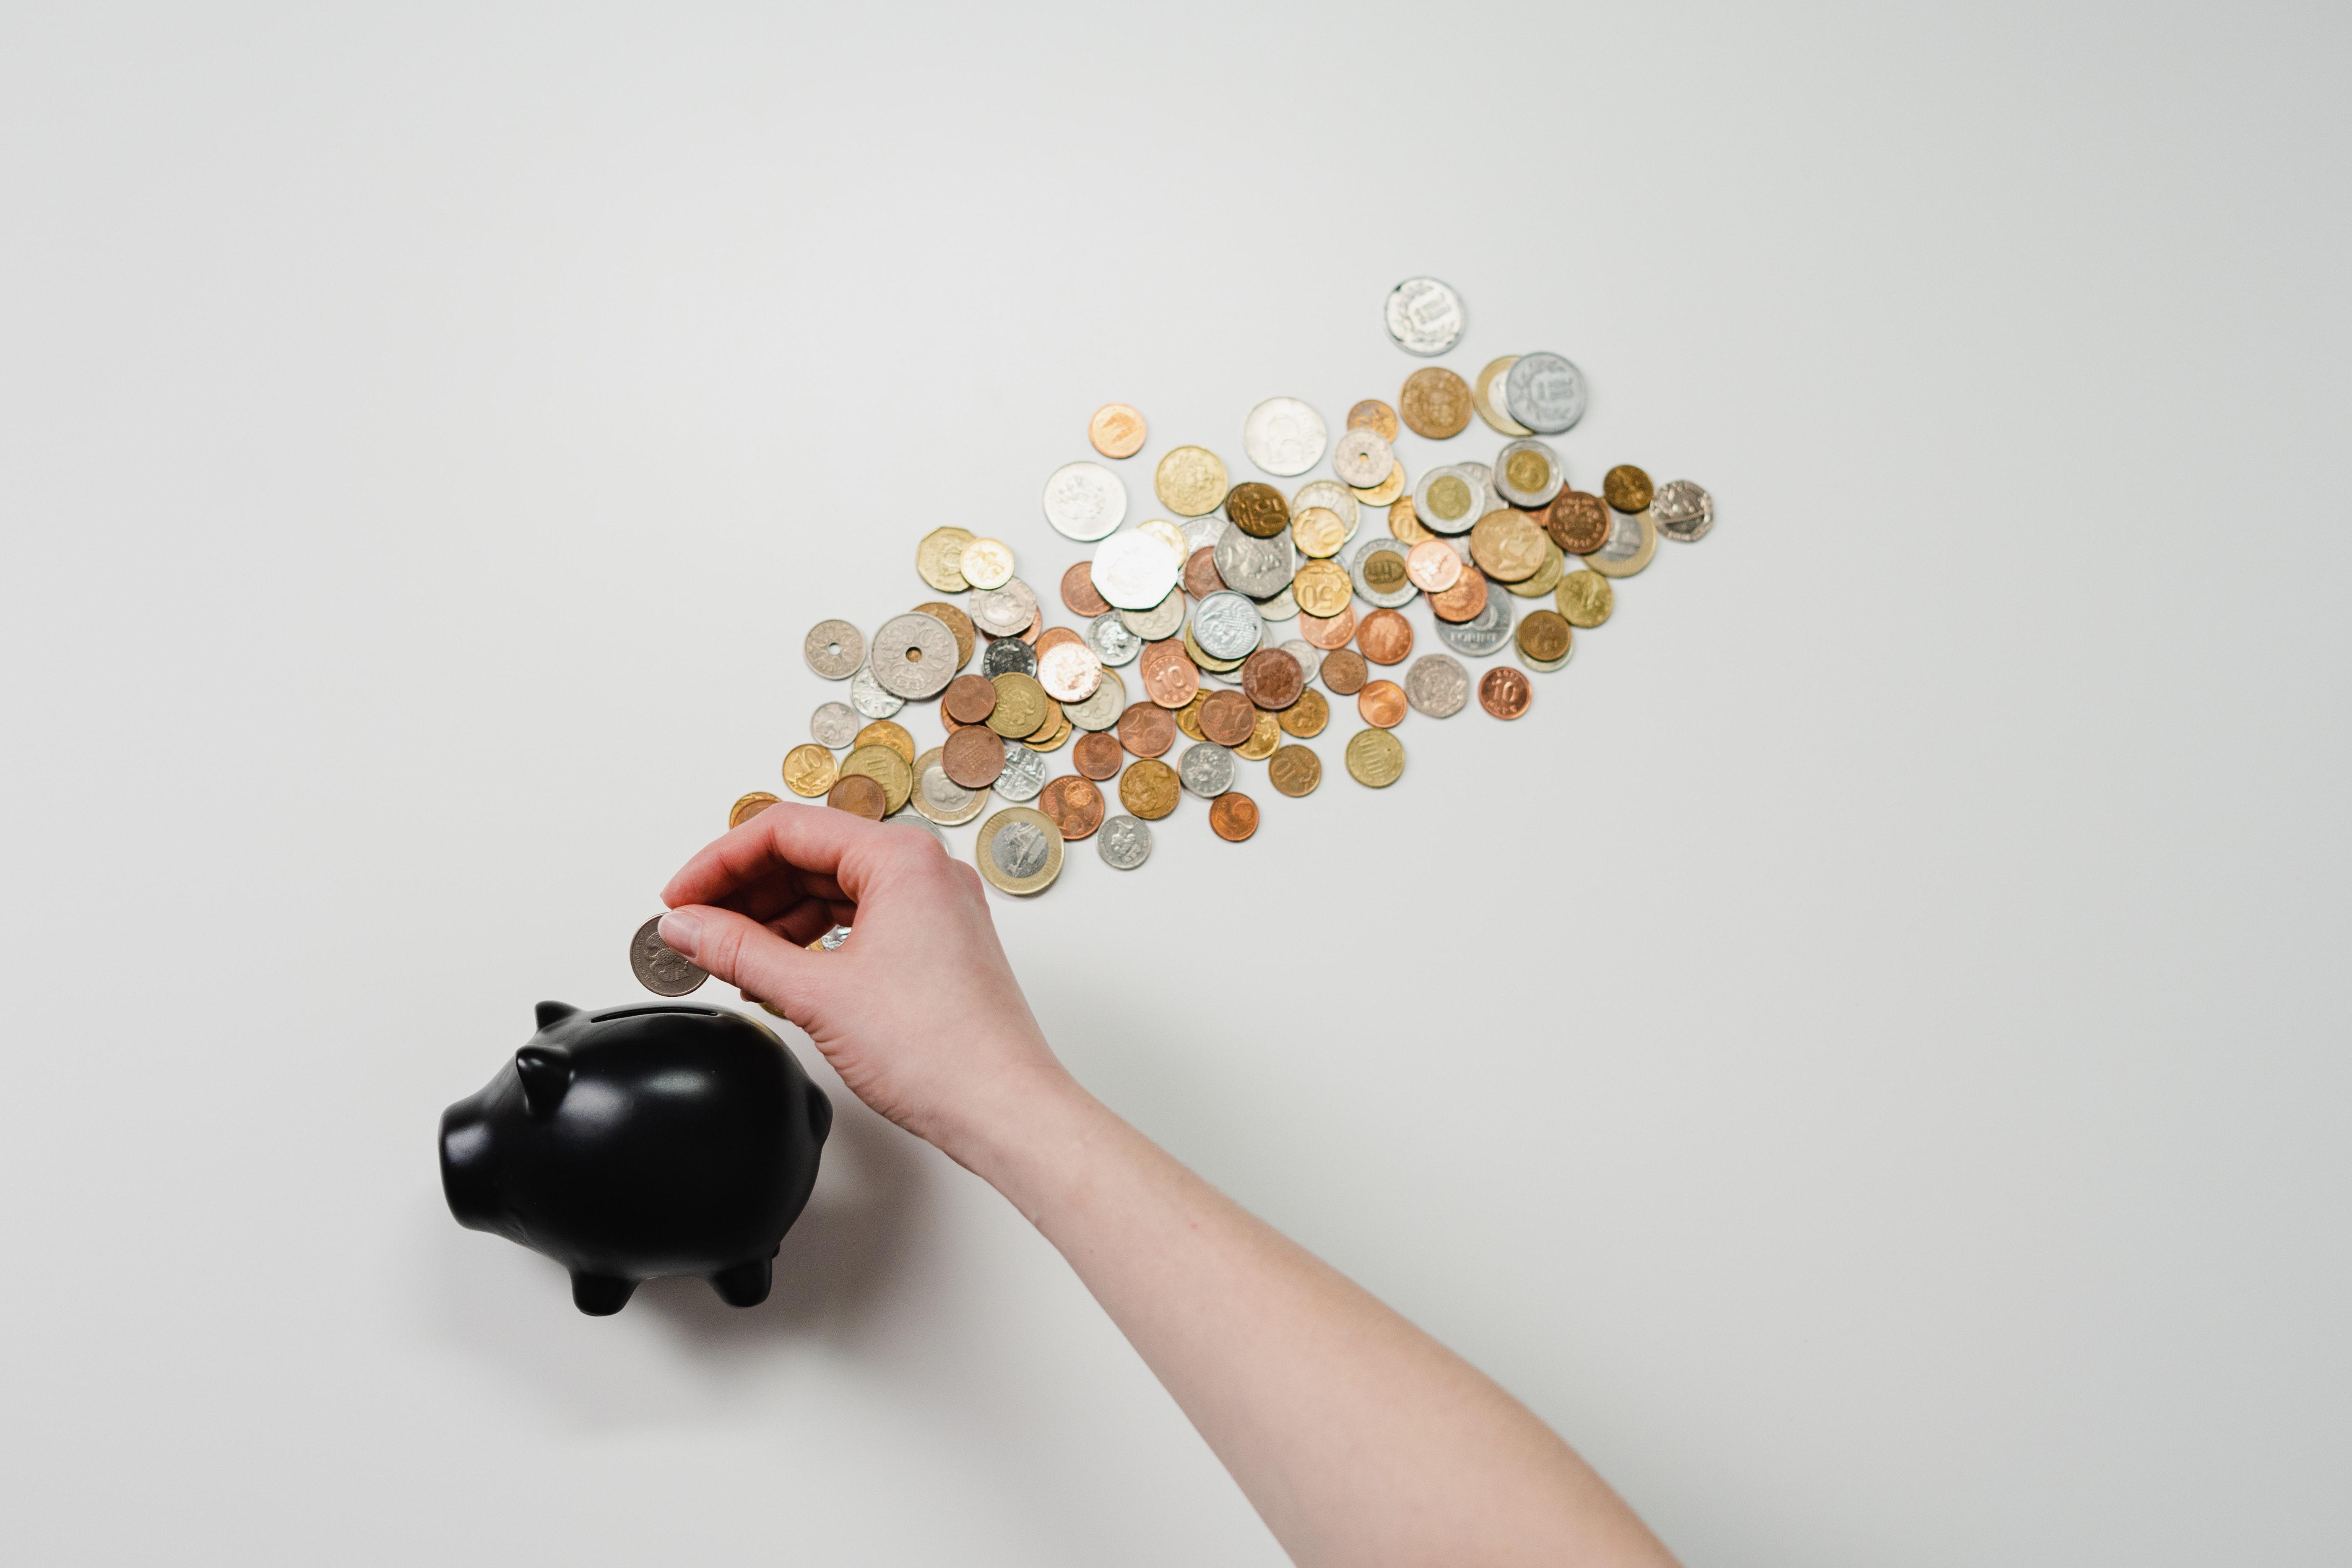 6ab6f-en-que-invertir-para-pagar-menos-impuestos.jpg